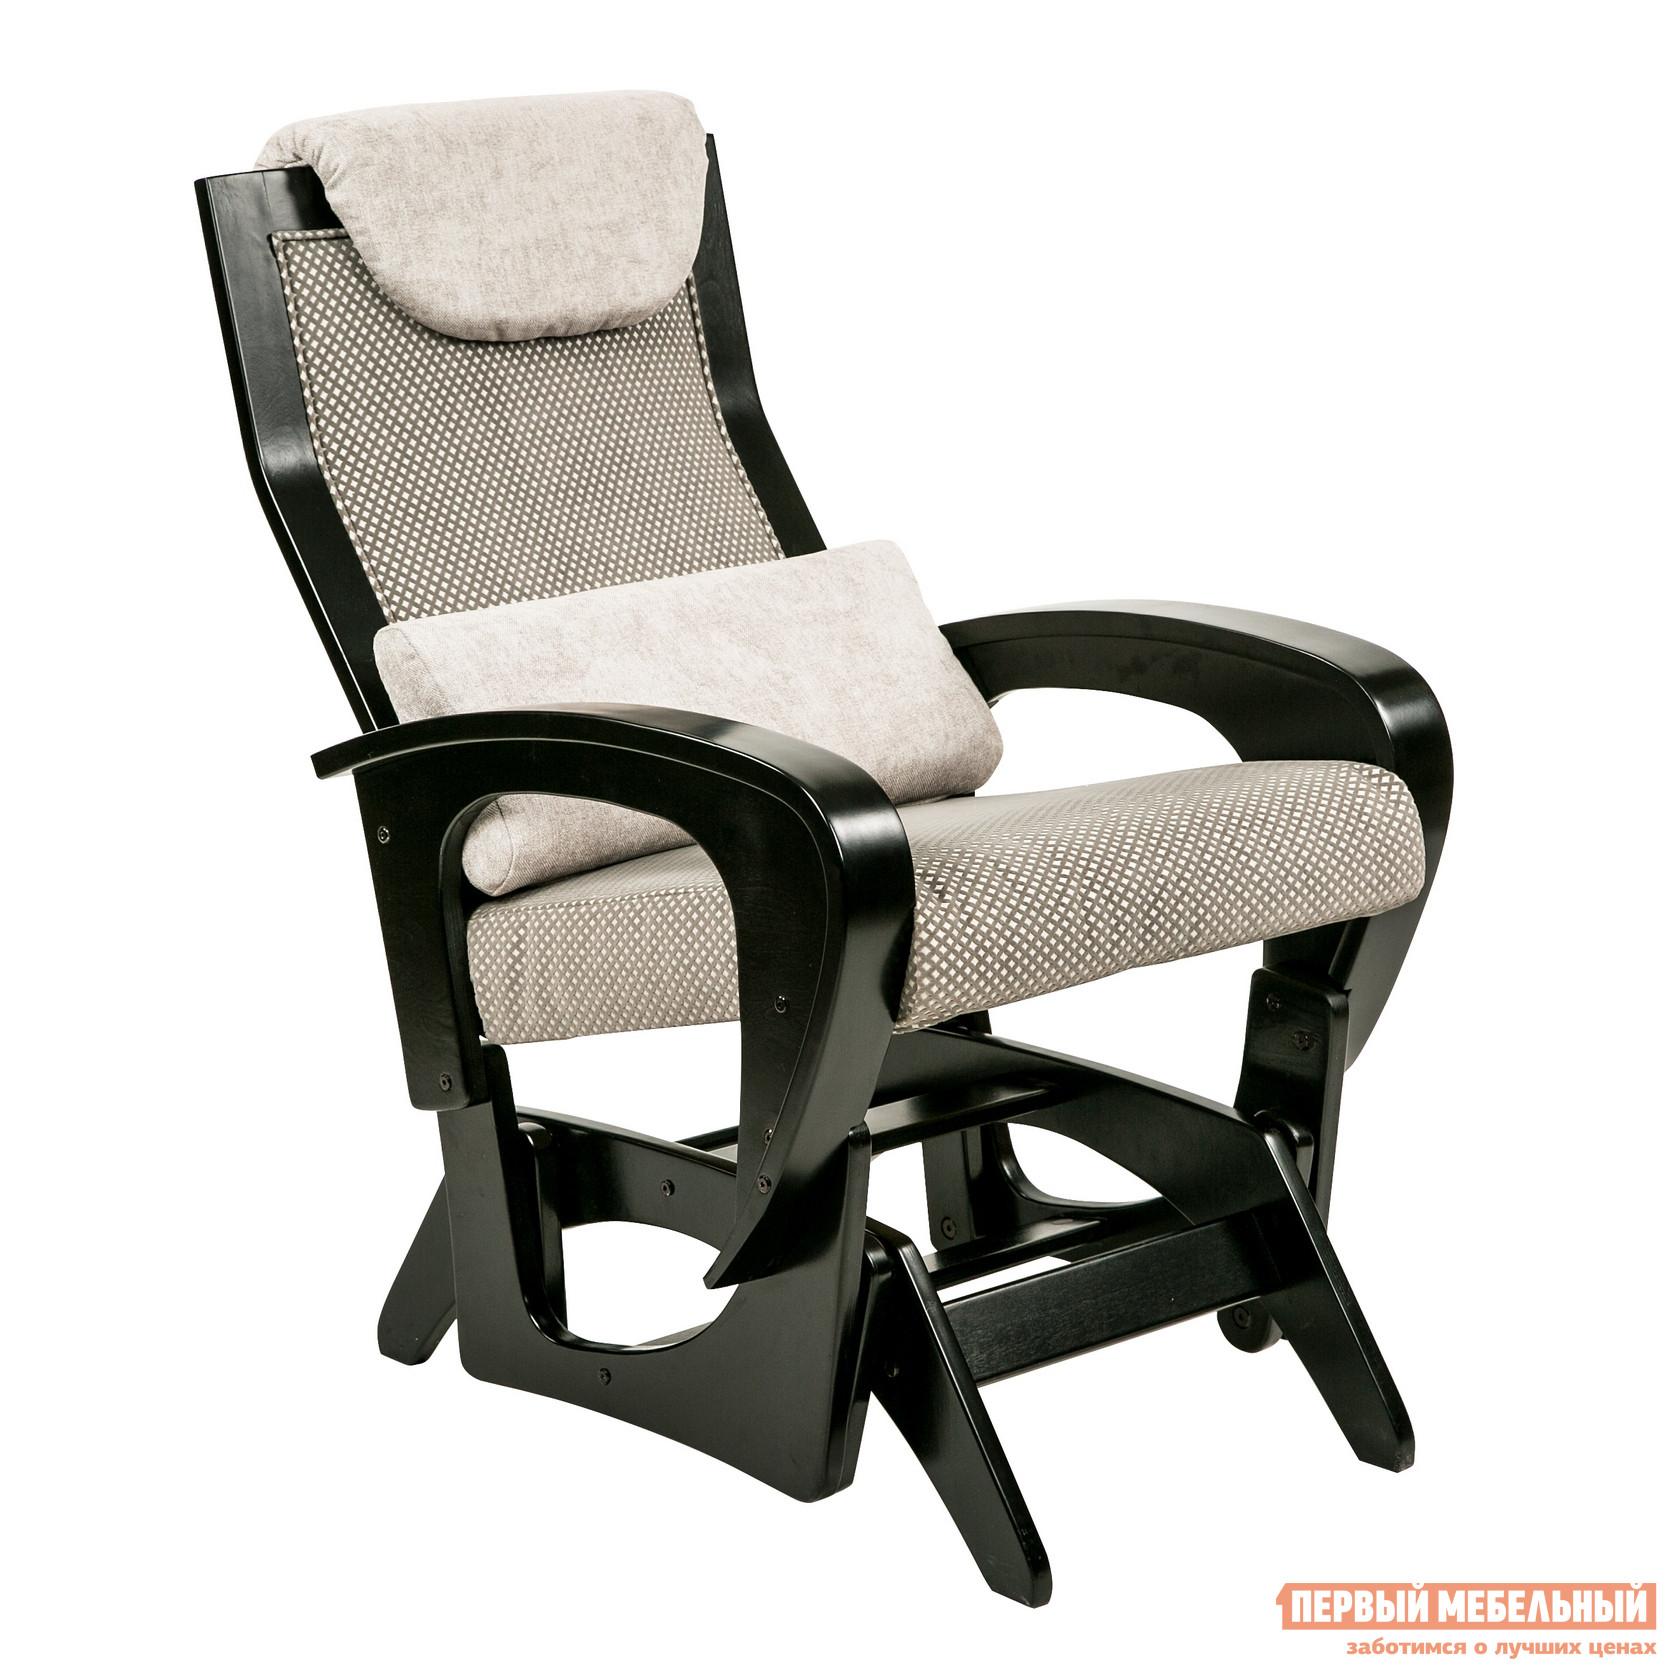 Кресло-глайдер Грин Три Кресло-глайдер Тахо-1